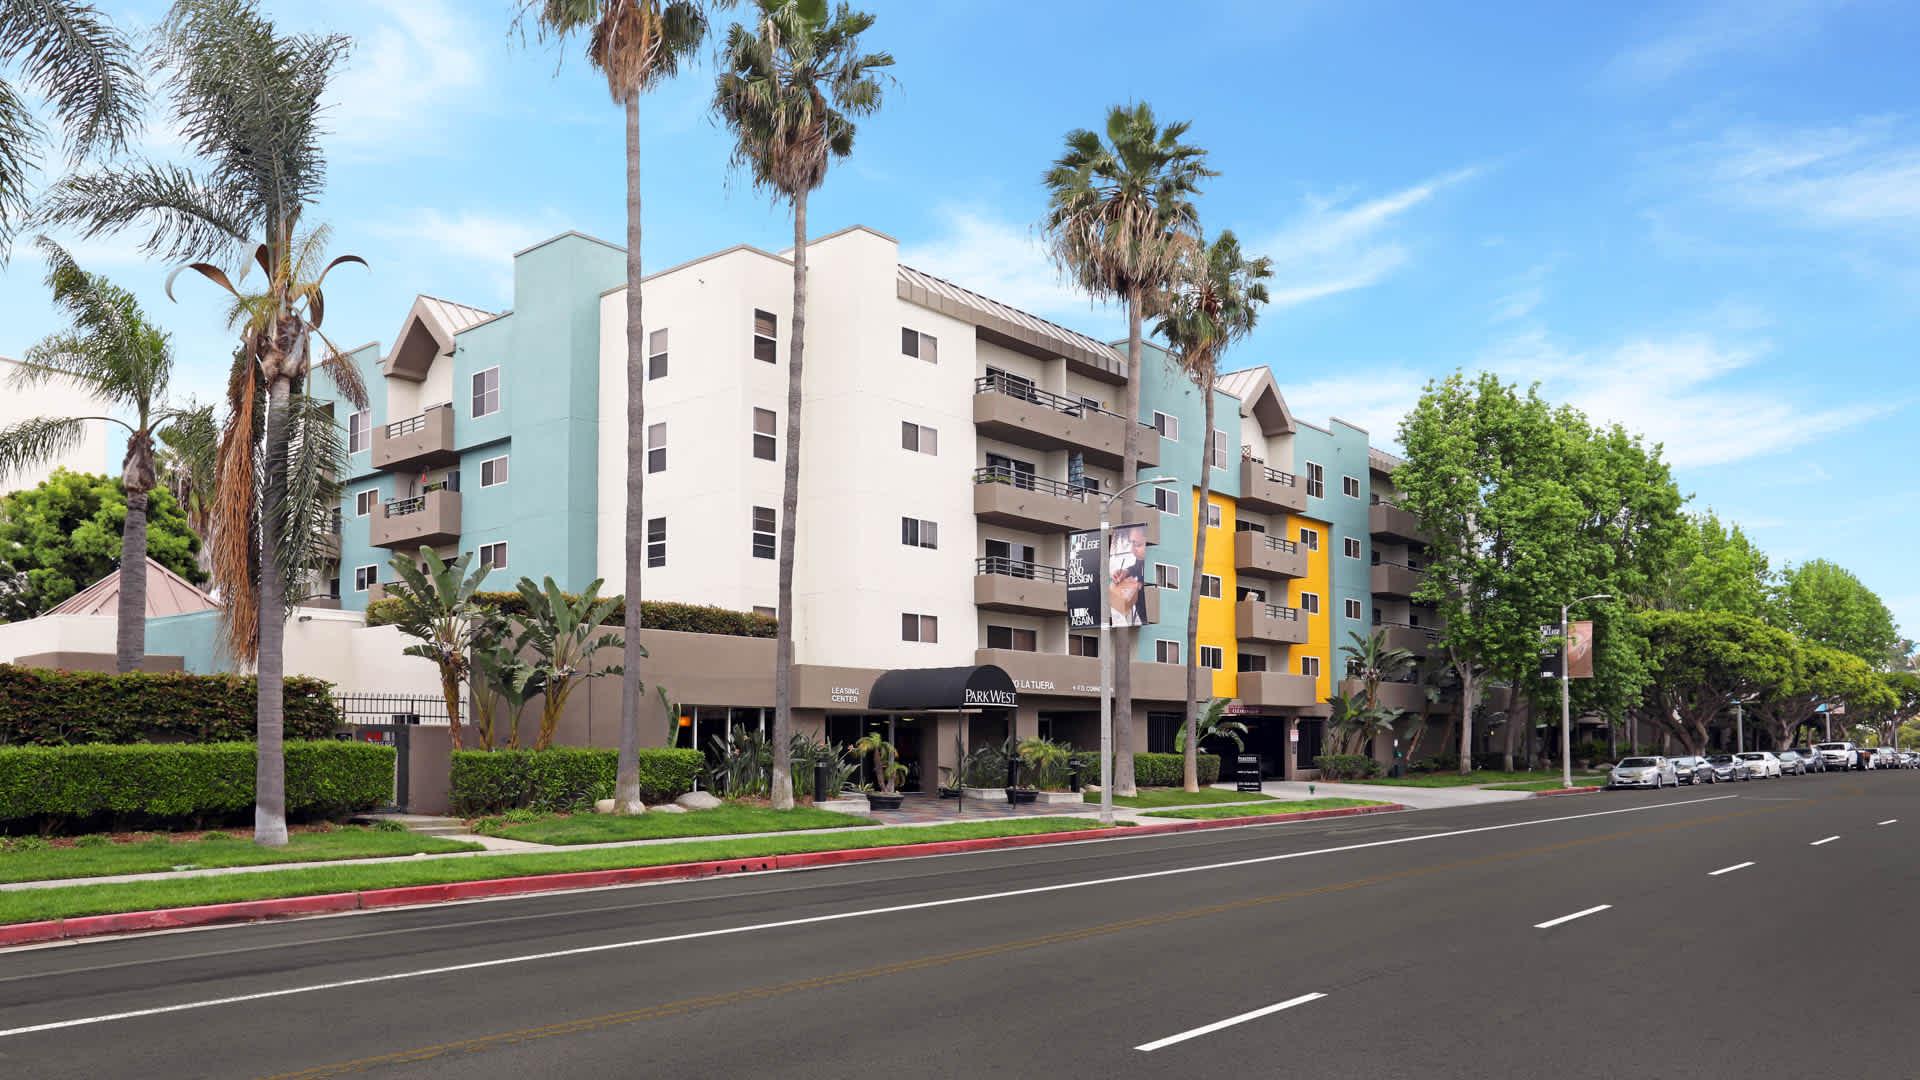 Park West Apartments Westchester Los Angeles 9400 La Tijera Blvd Equityapartments